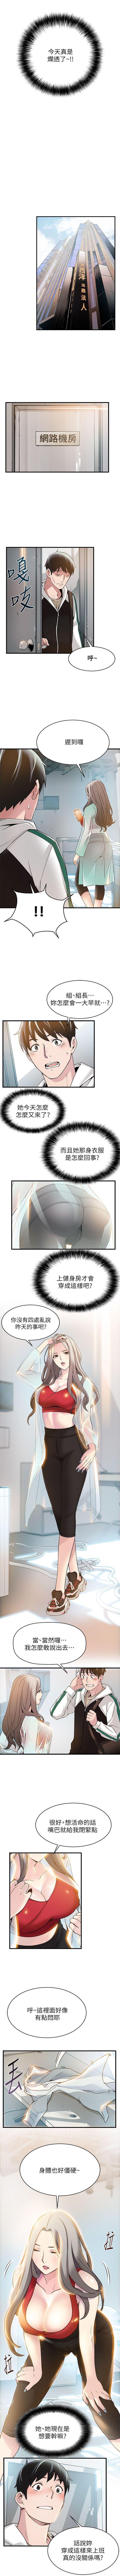 (周7)弱点 1-66 中文翻译(更新中) 39